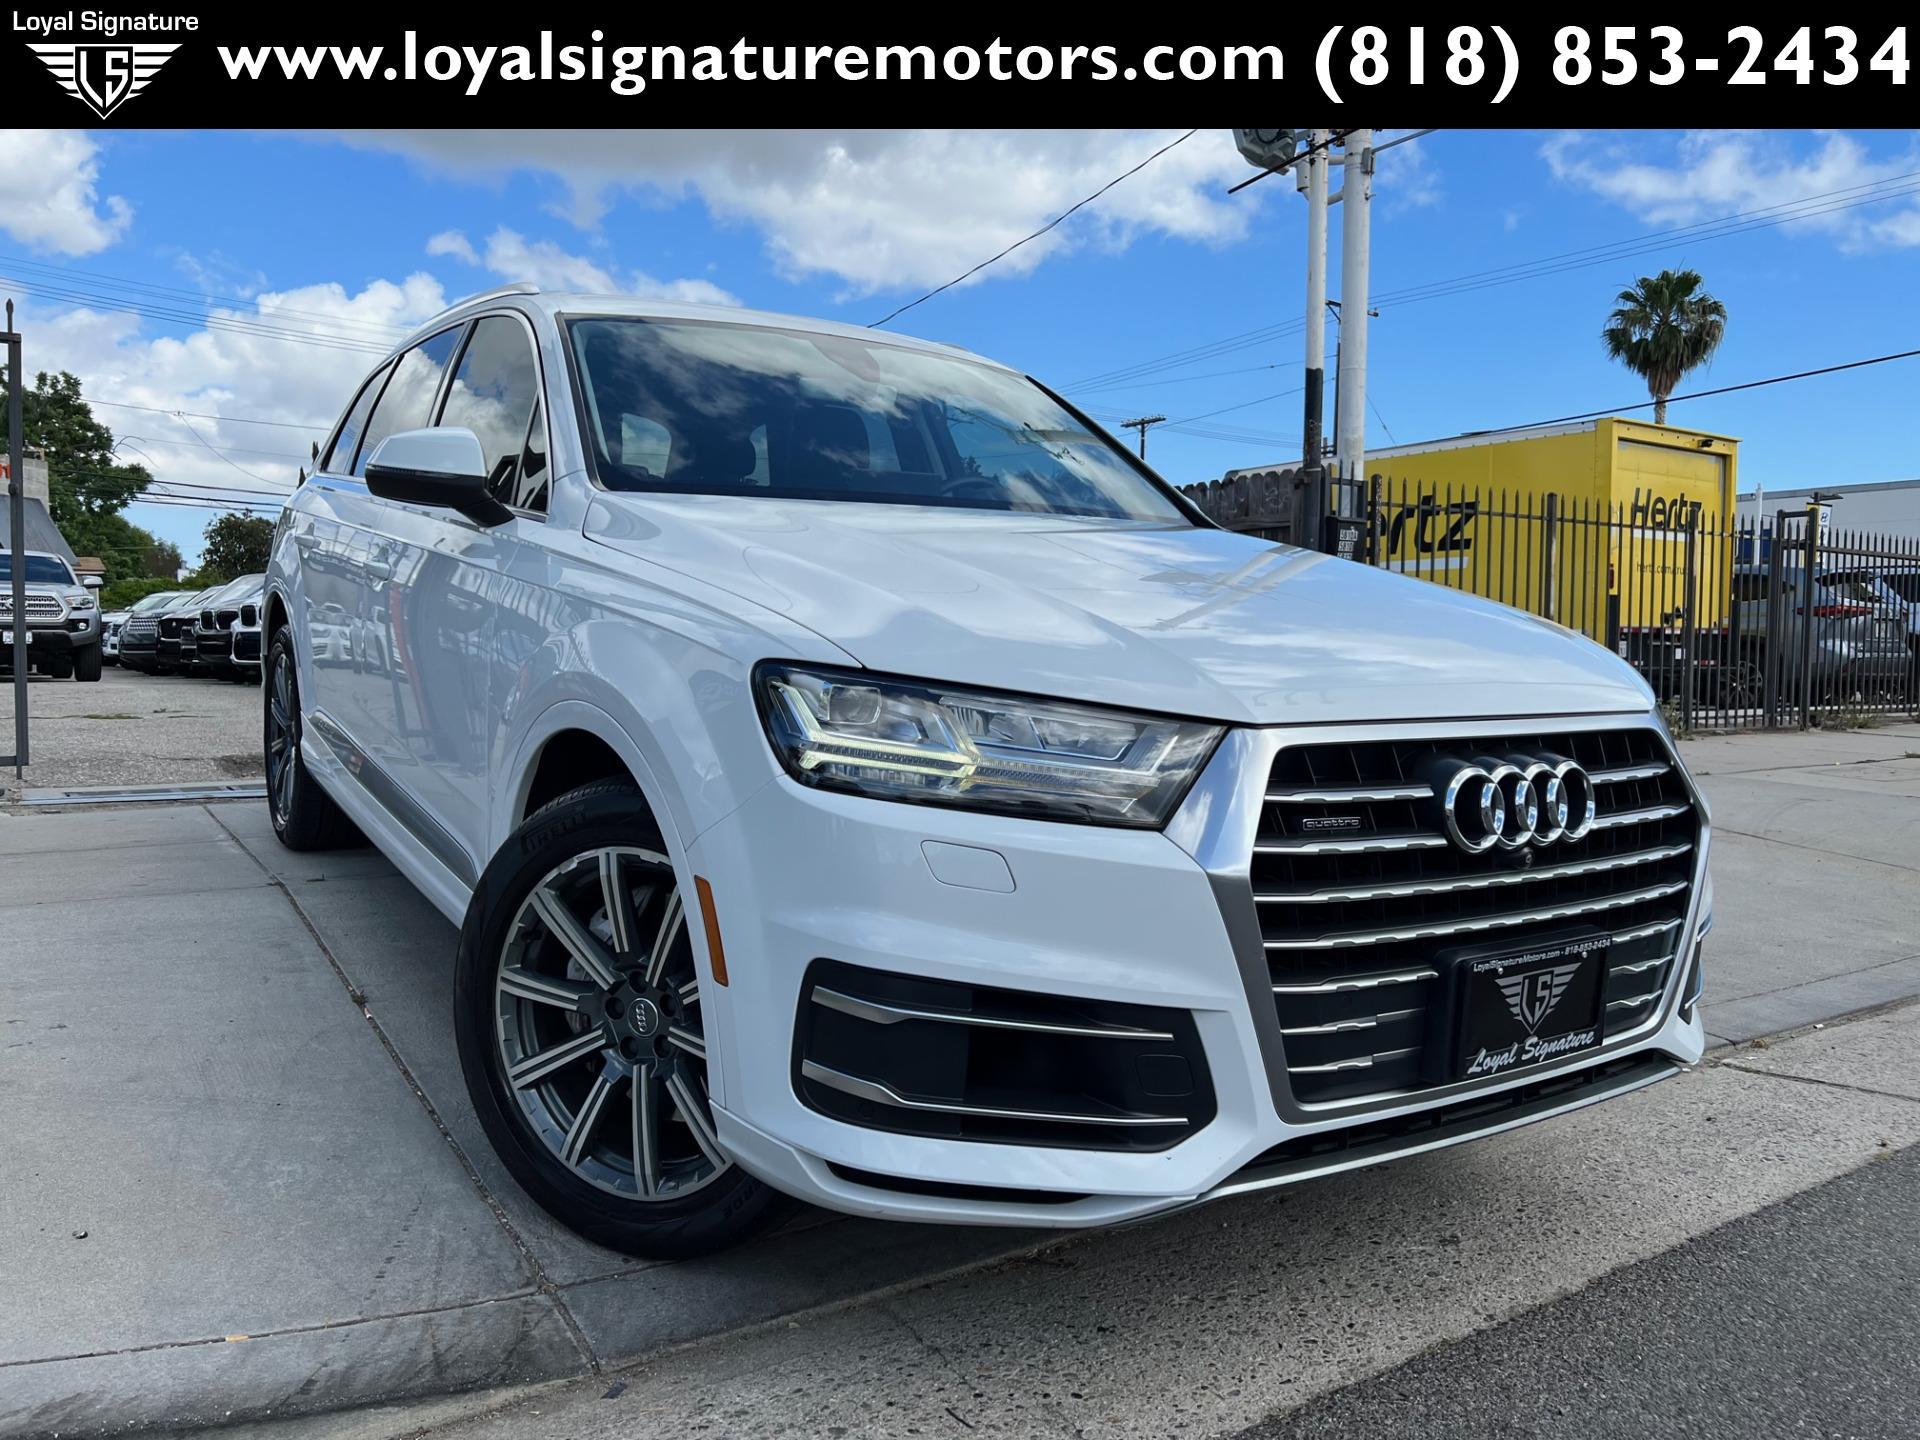 Used 2017 Audi Q7 3.0T quattro Premium Plus | Van Nuys, CA